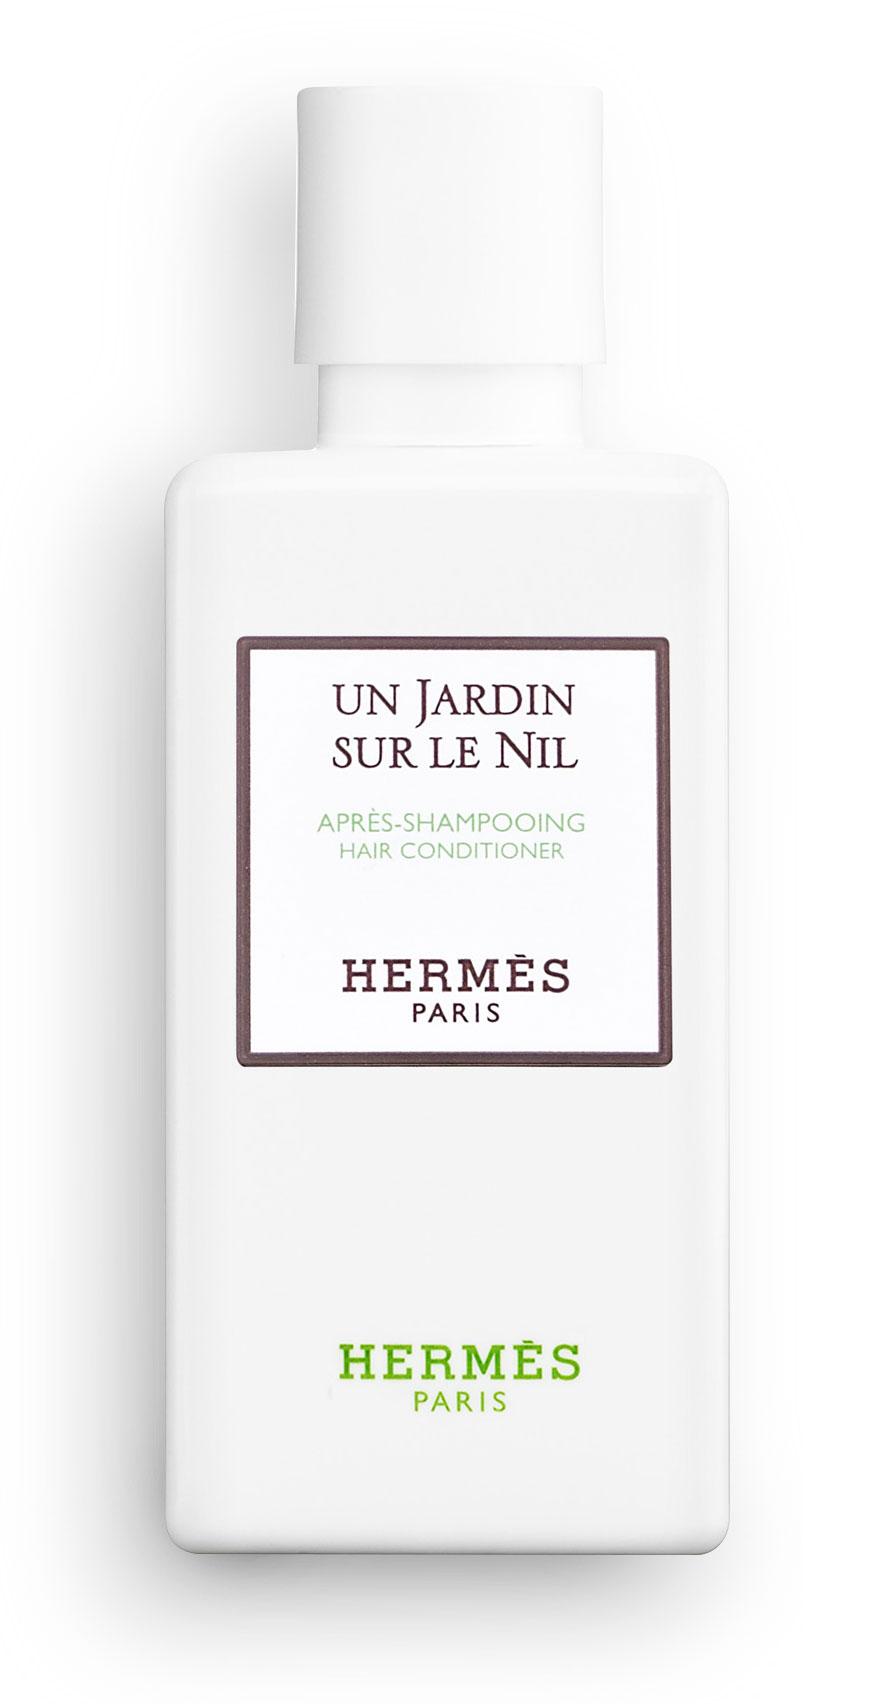 Hermès - Un Jardin sur le Nil - Baume après-shampooing 40 ml.